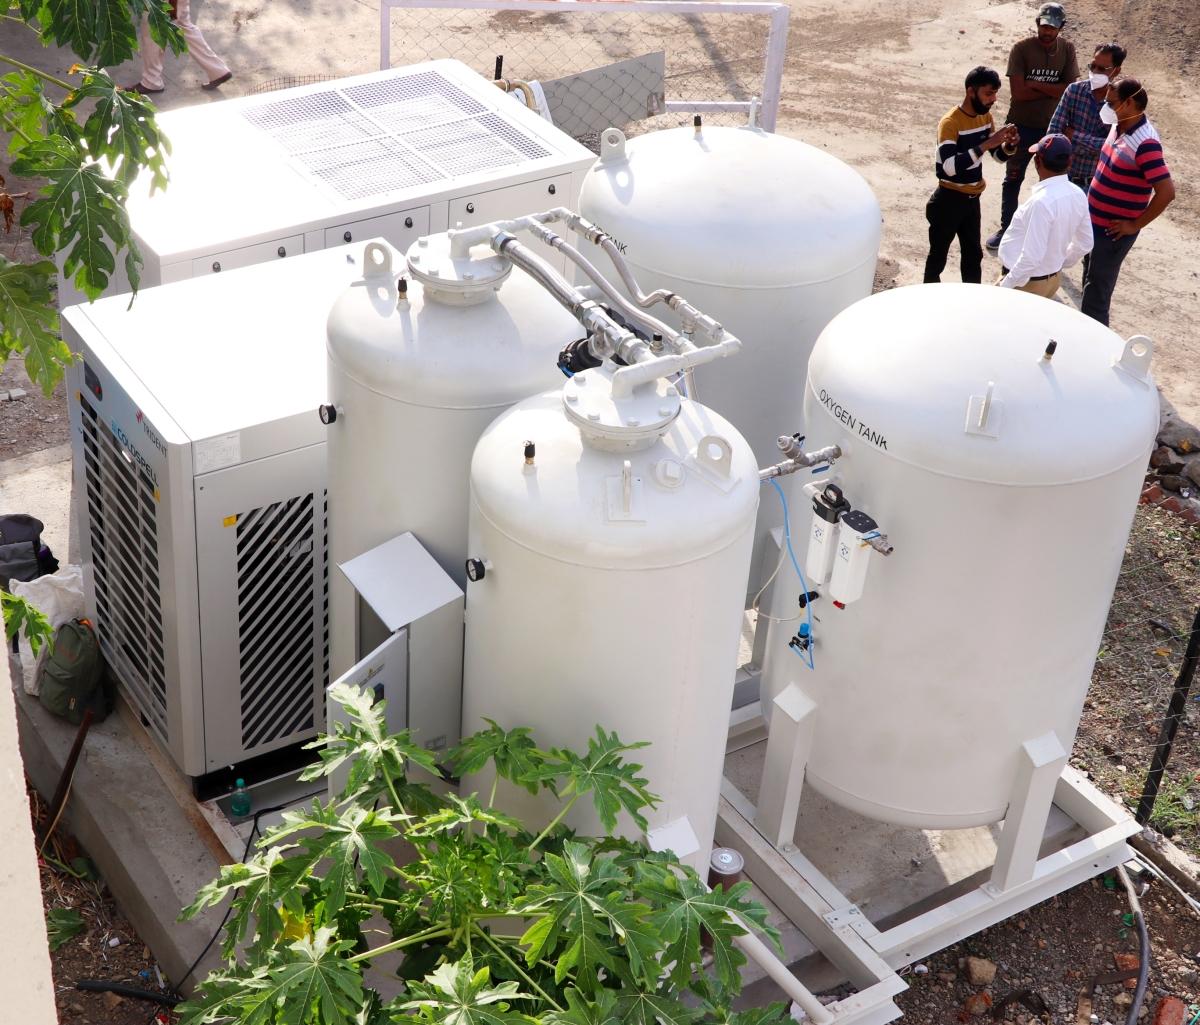 Madhya Pradesh: Trail of oxygen plant underway in Ratlam